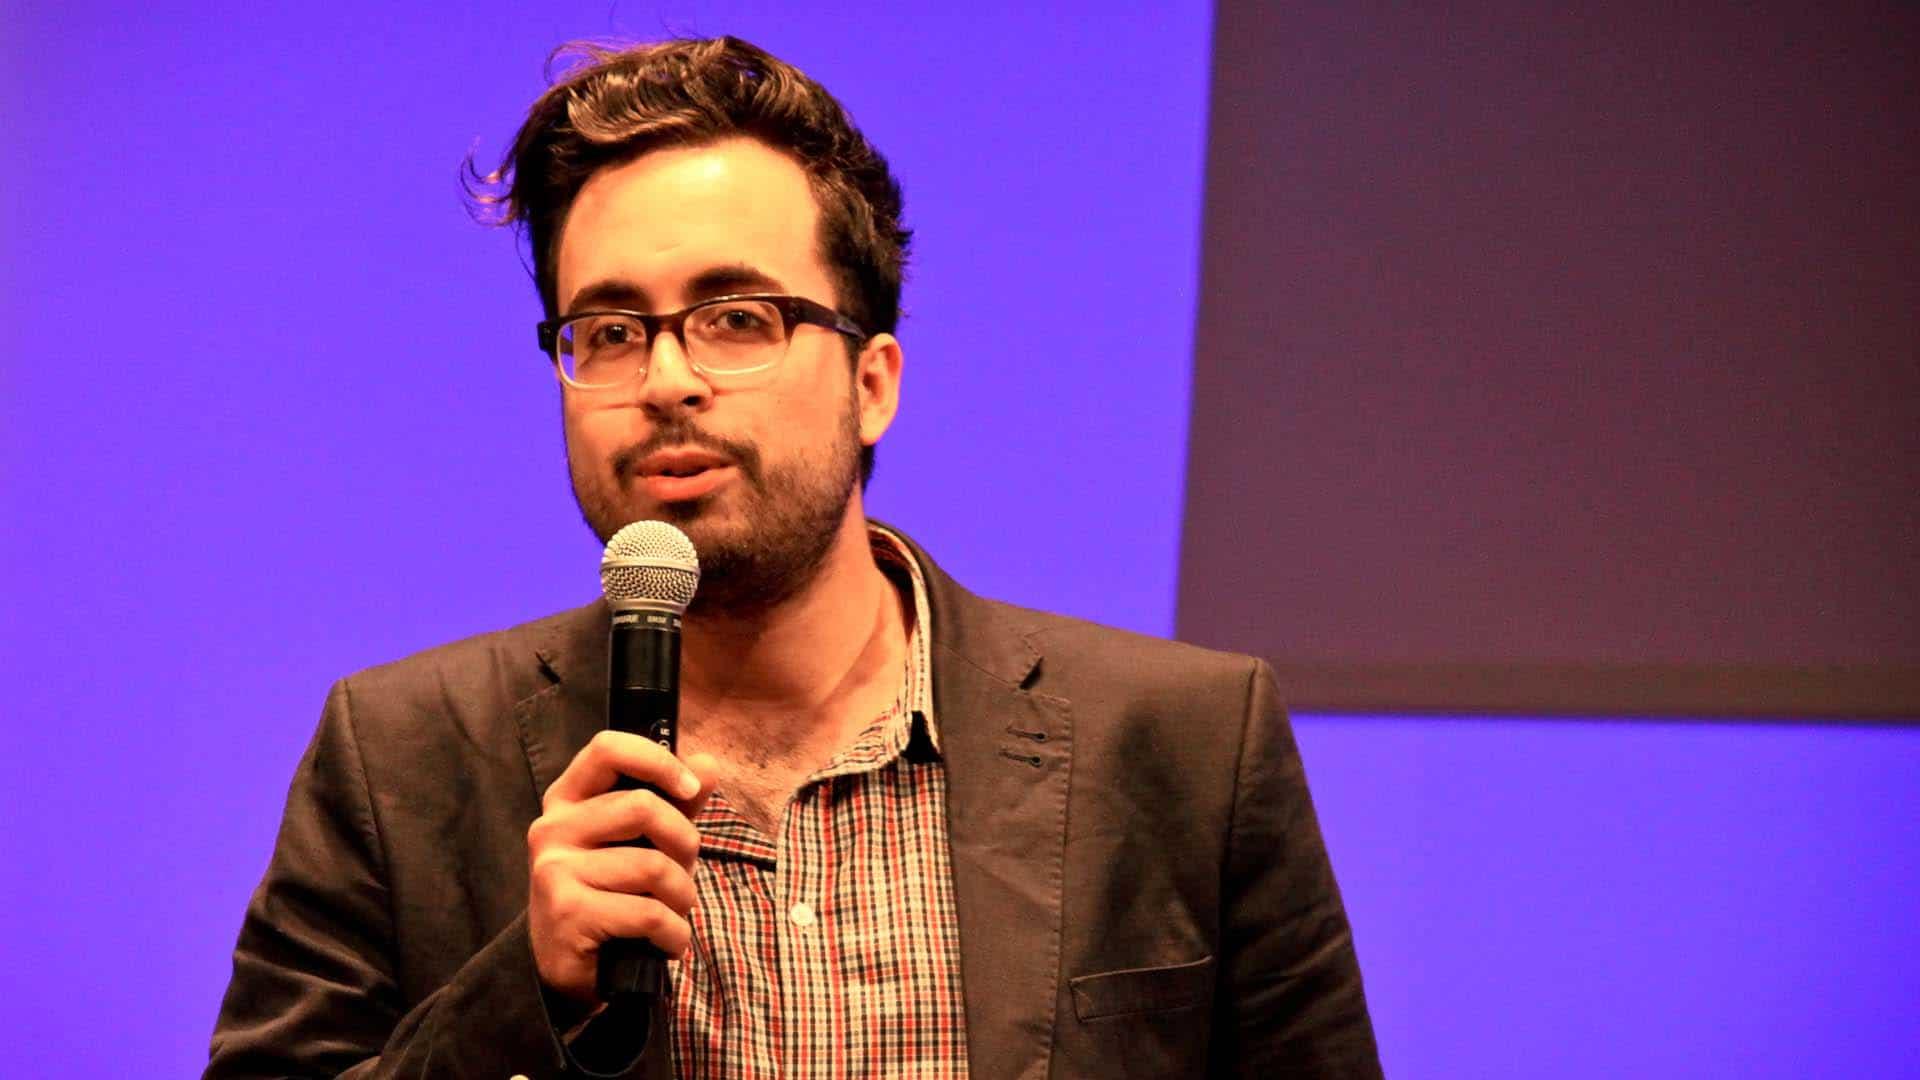 Mounir Majhoubi